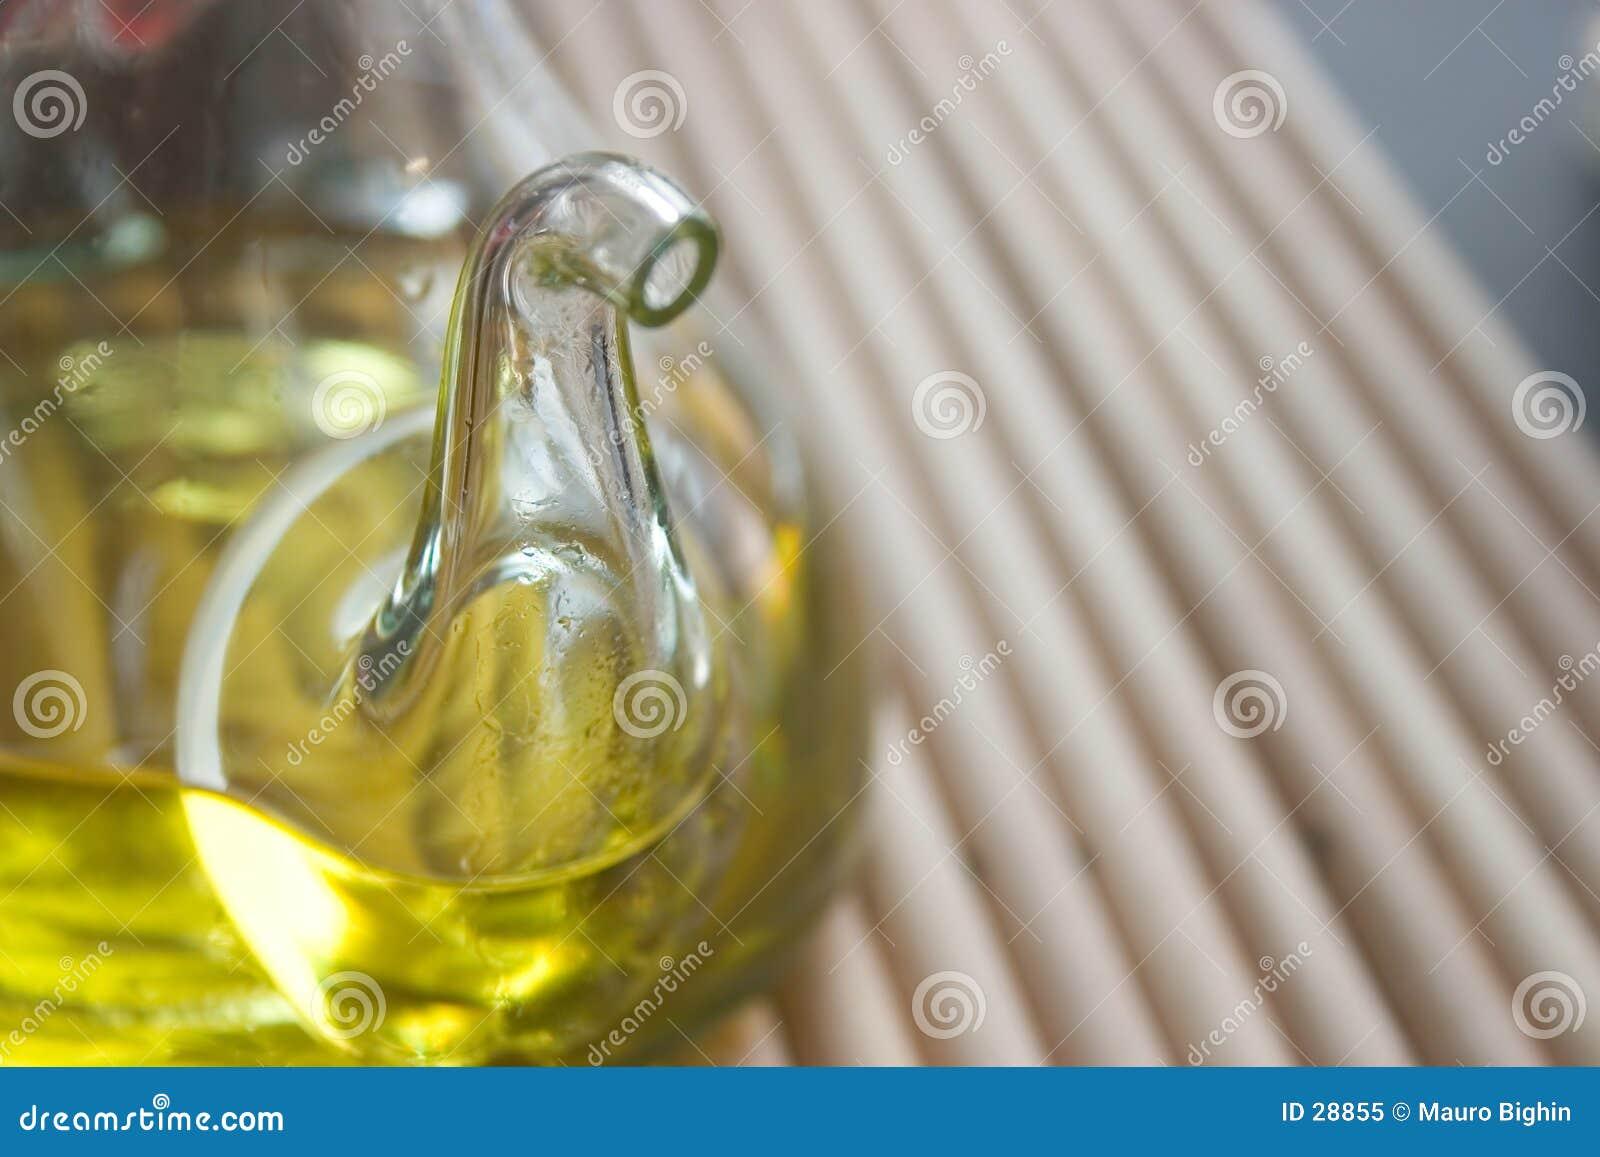 Download Jarro del petróleo imagen de archivo. Imagen de receta, restaurante - 28855